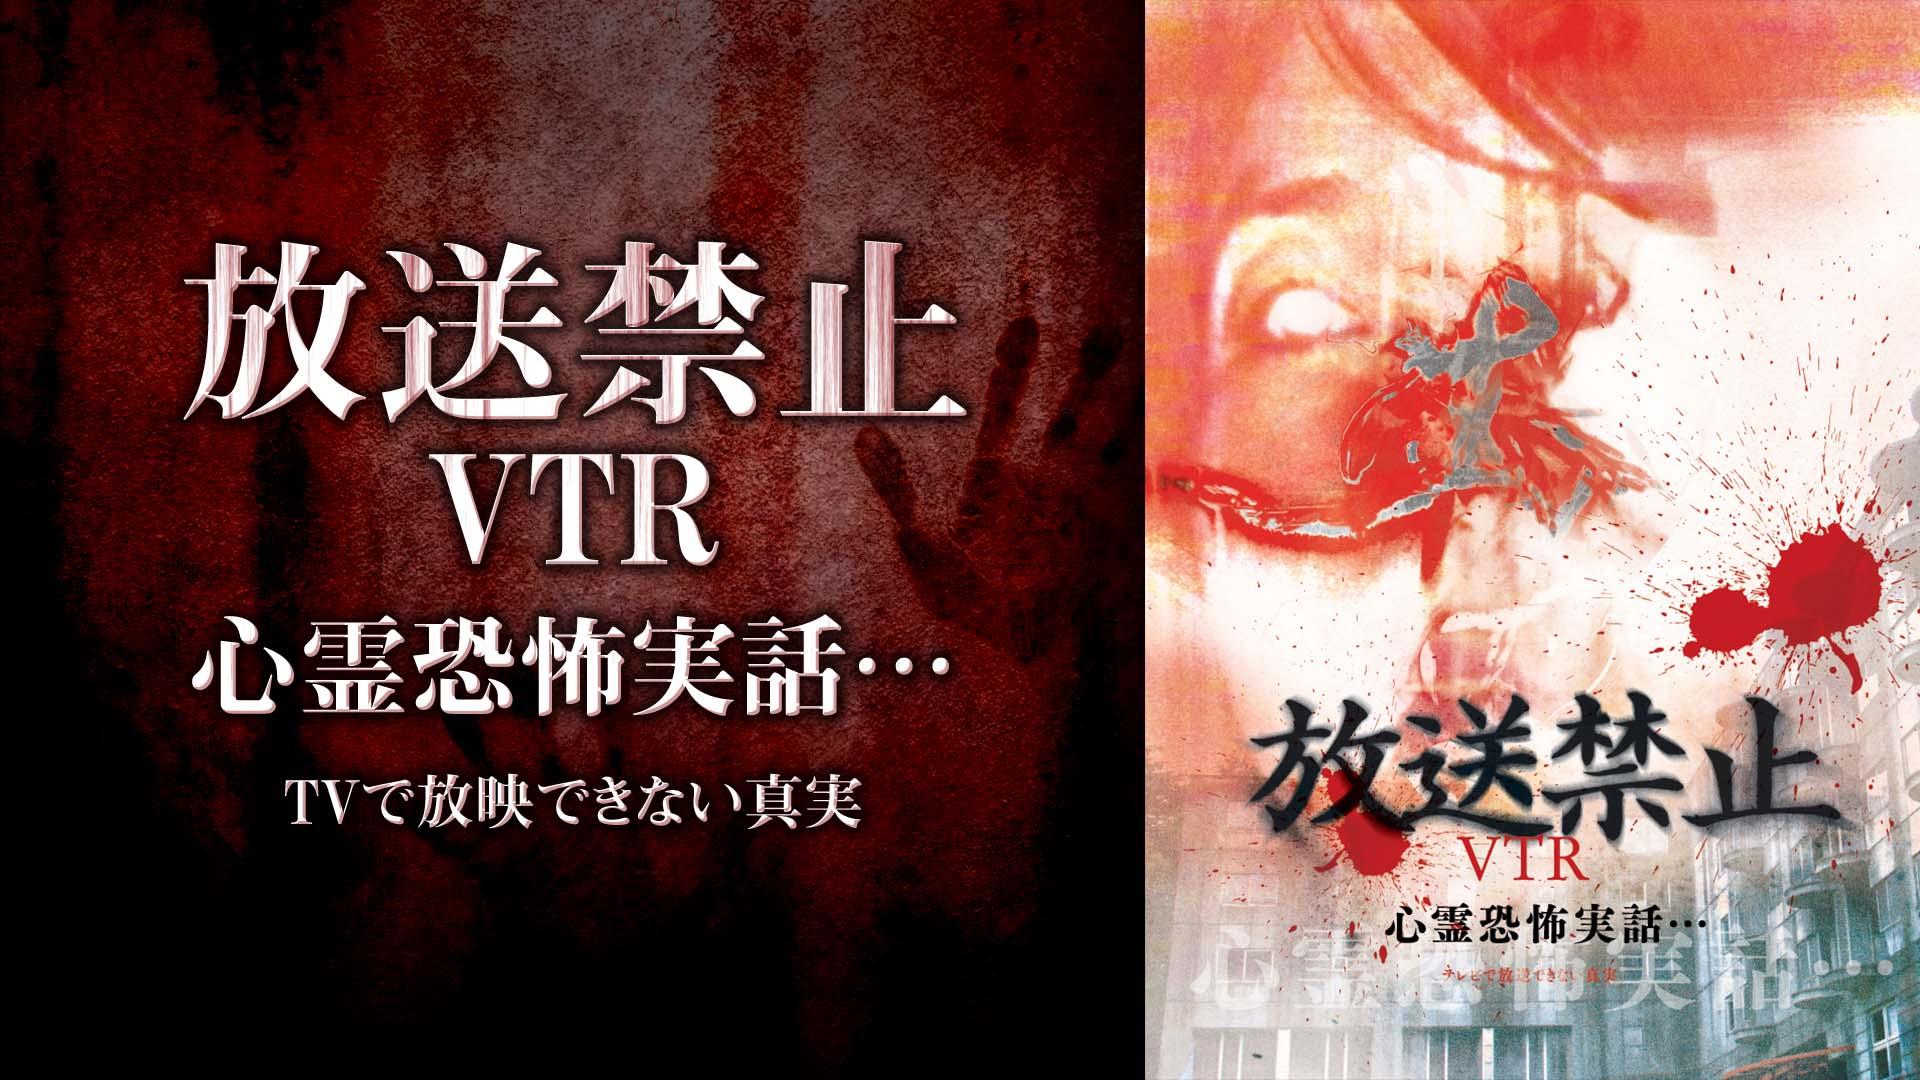 放送禁止VTR!心霊恐怖実話...TVで放送出来ない真実